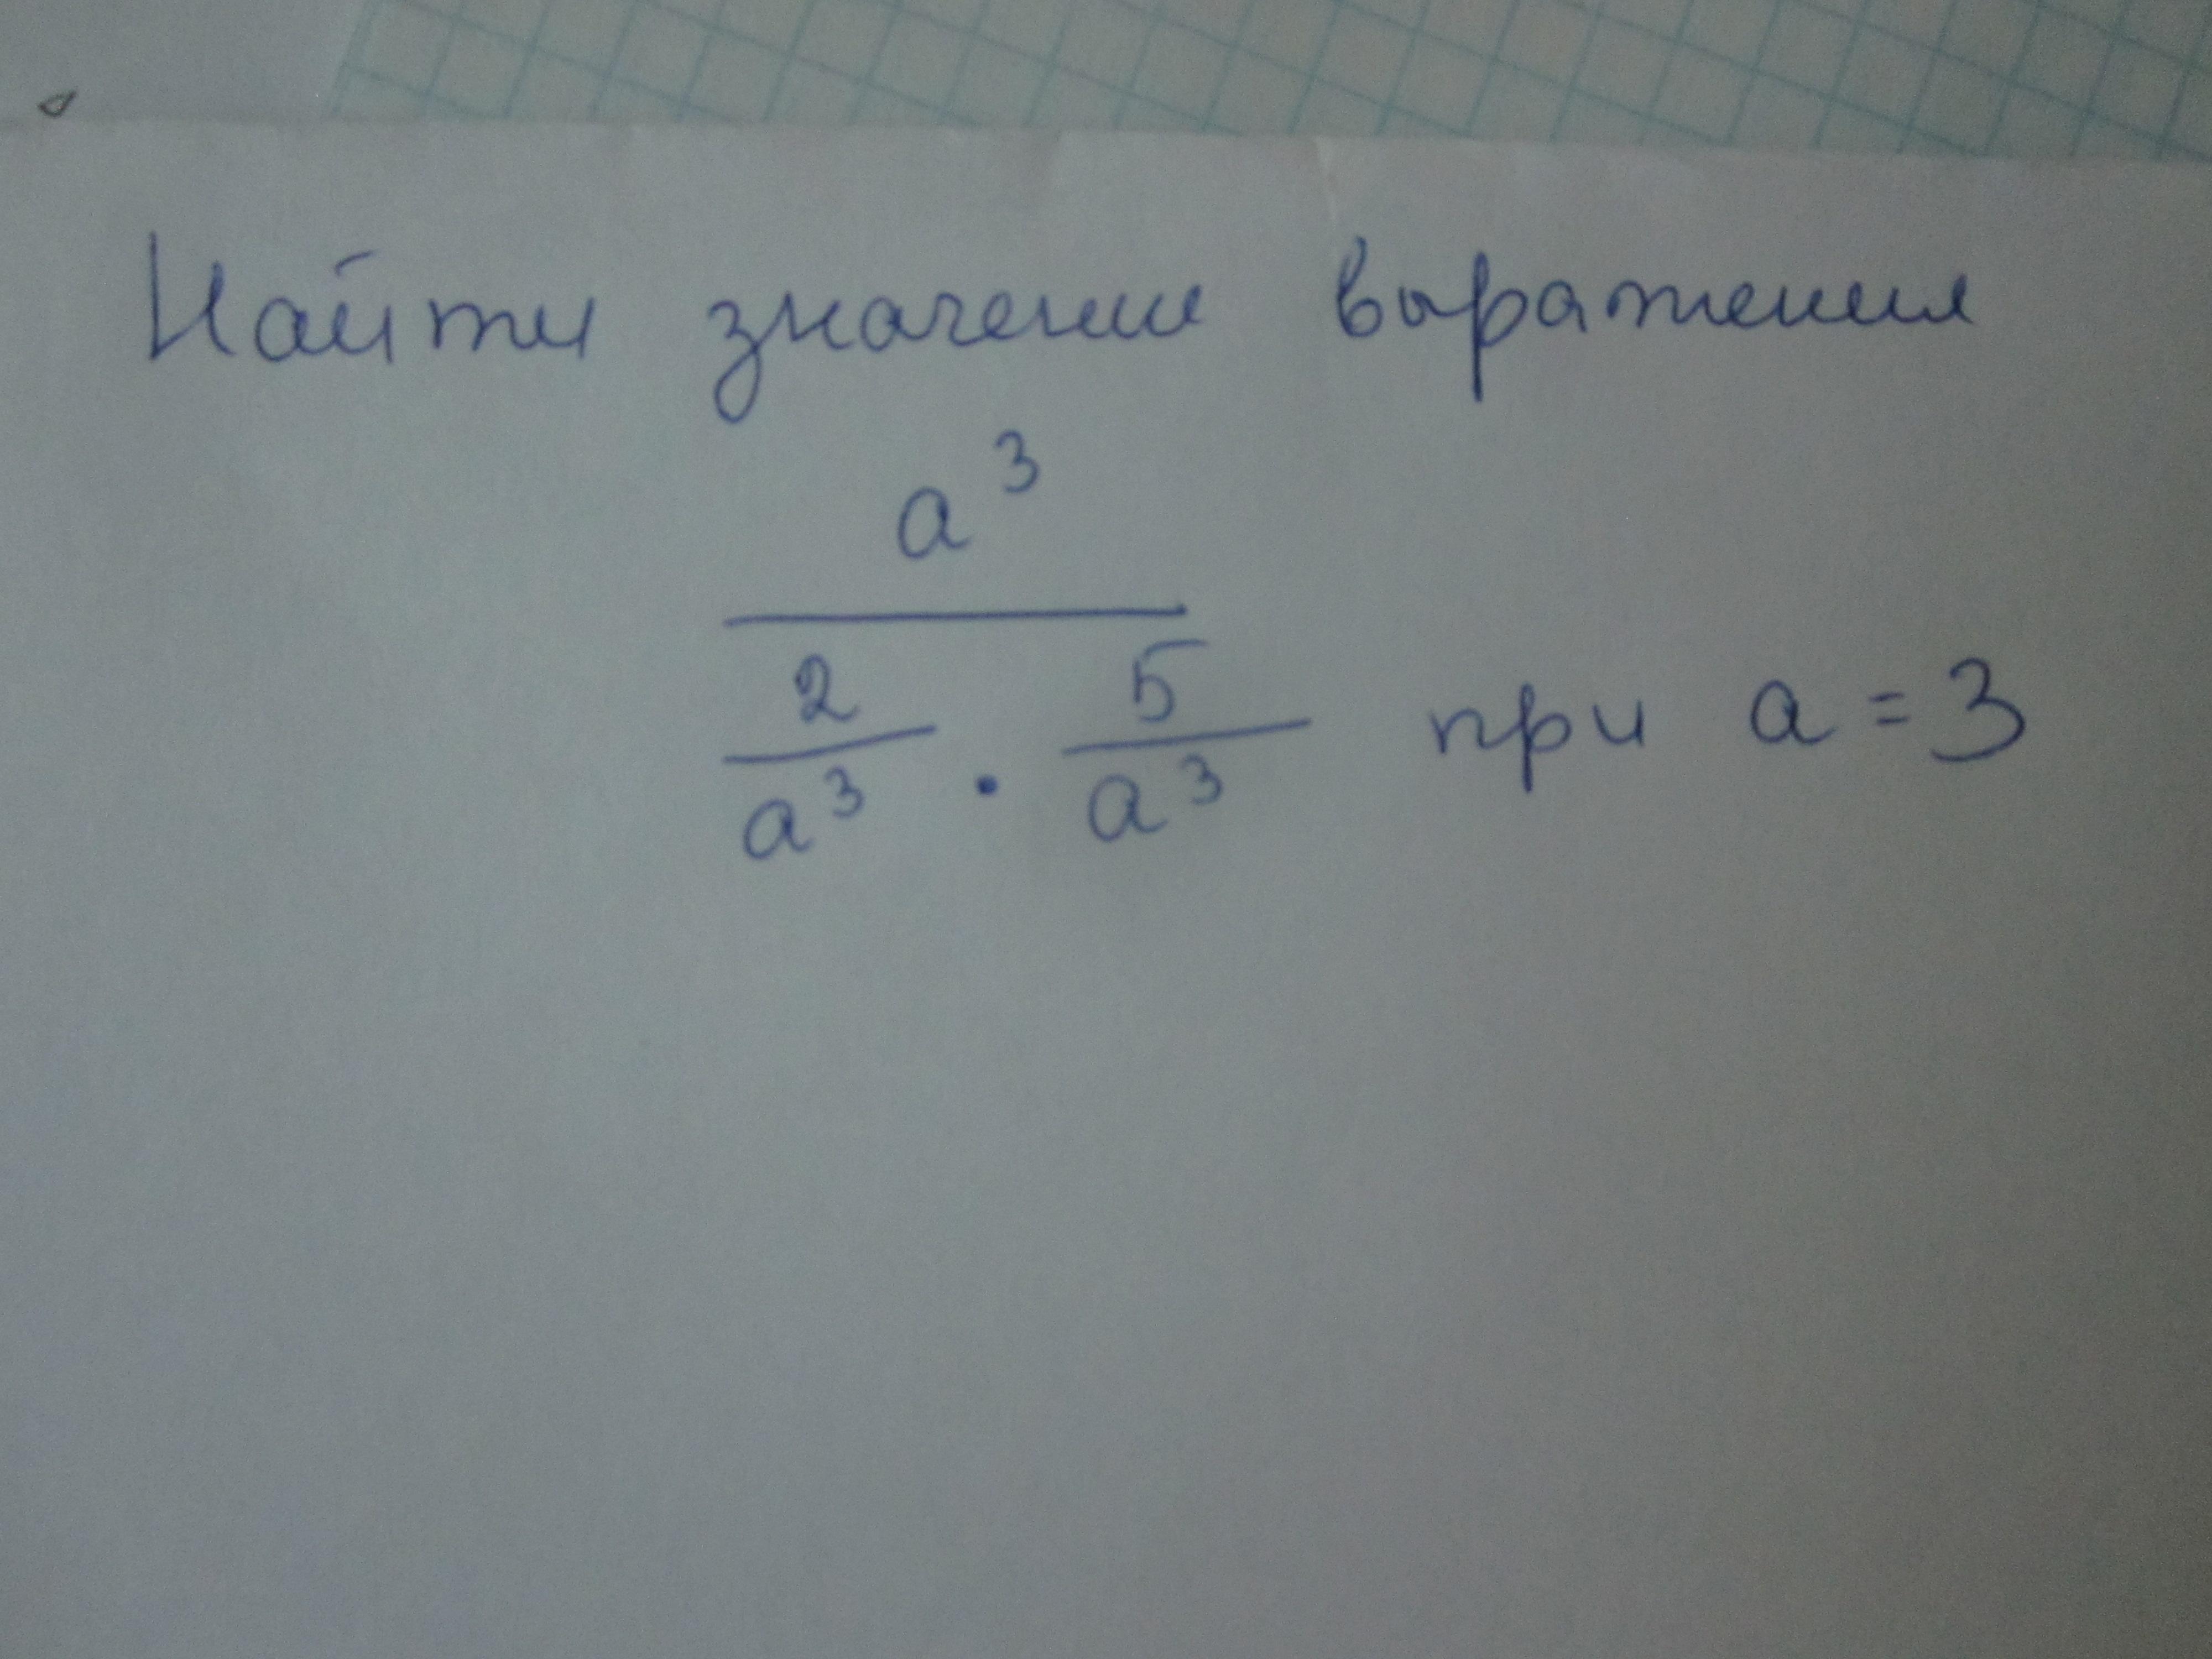 Помогите с решением, пожалуйста!!!